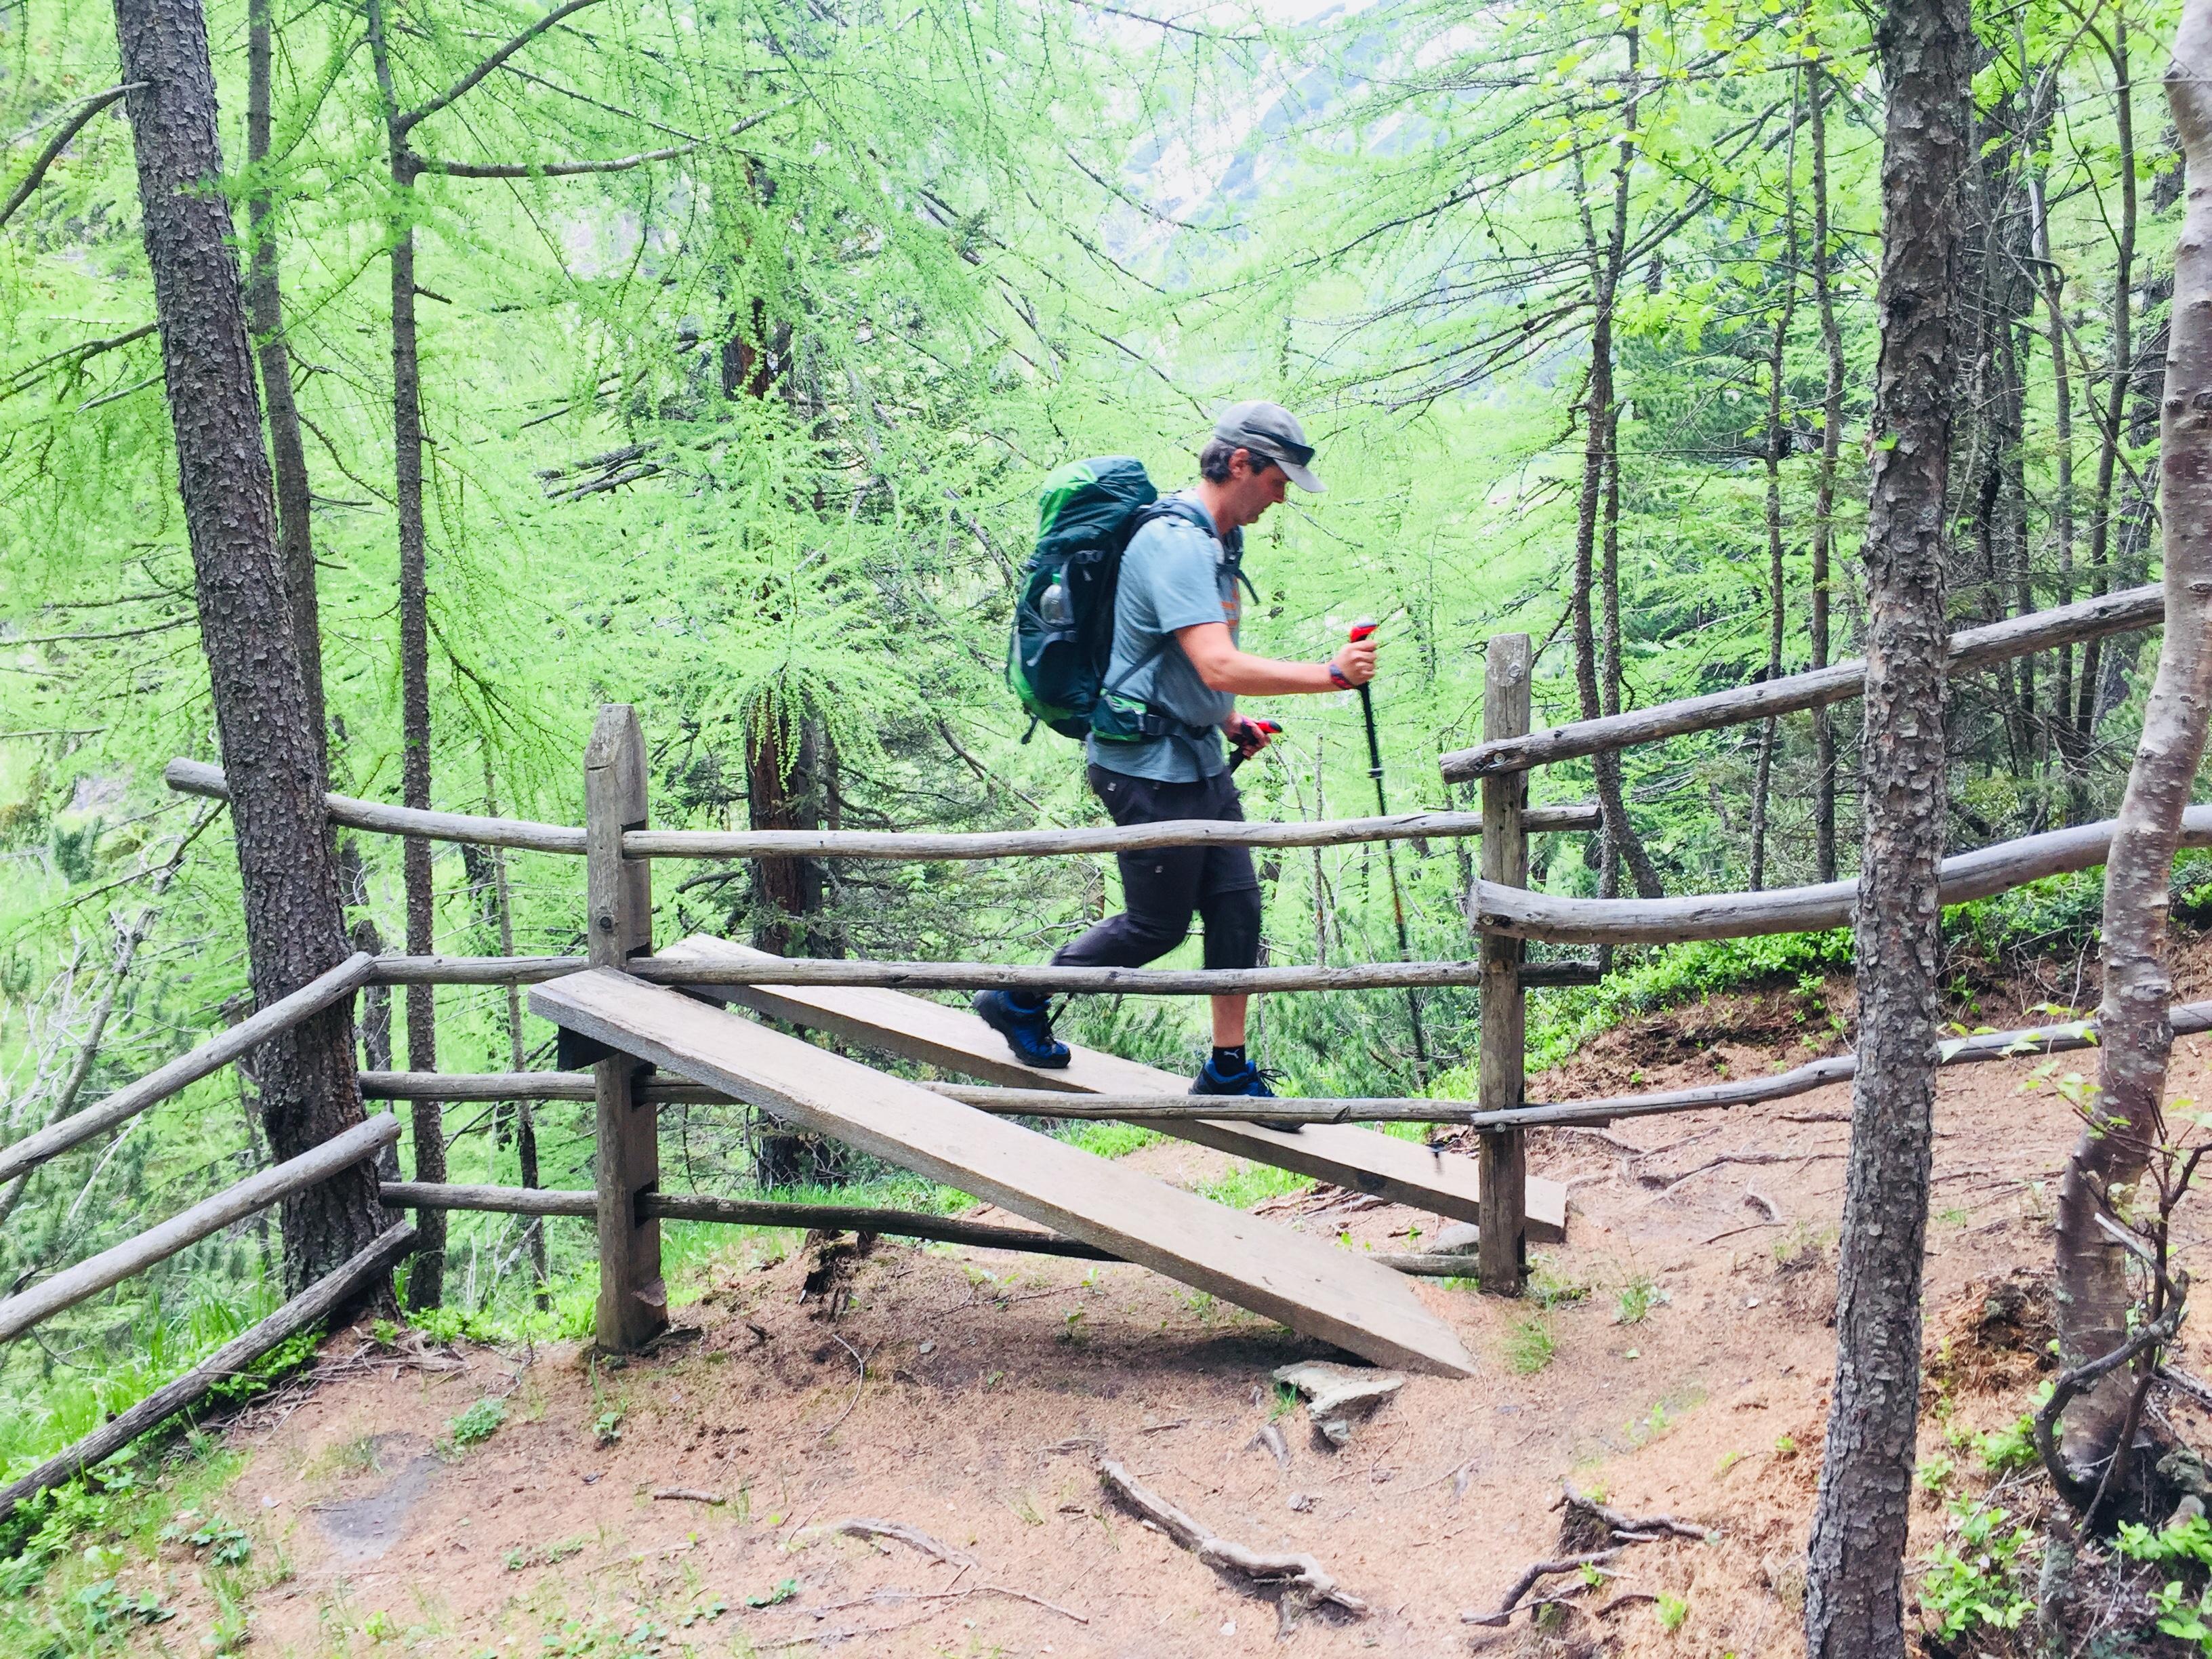 E1-4 Adi Rampe Wald